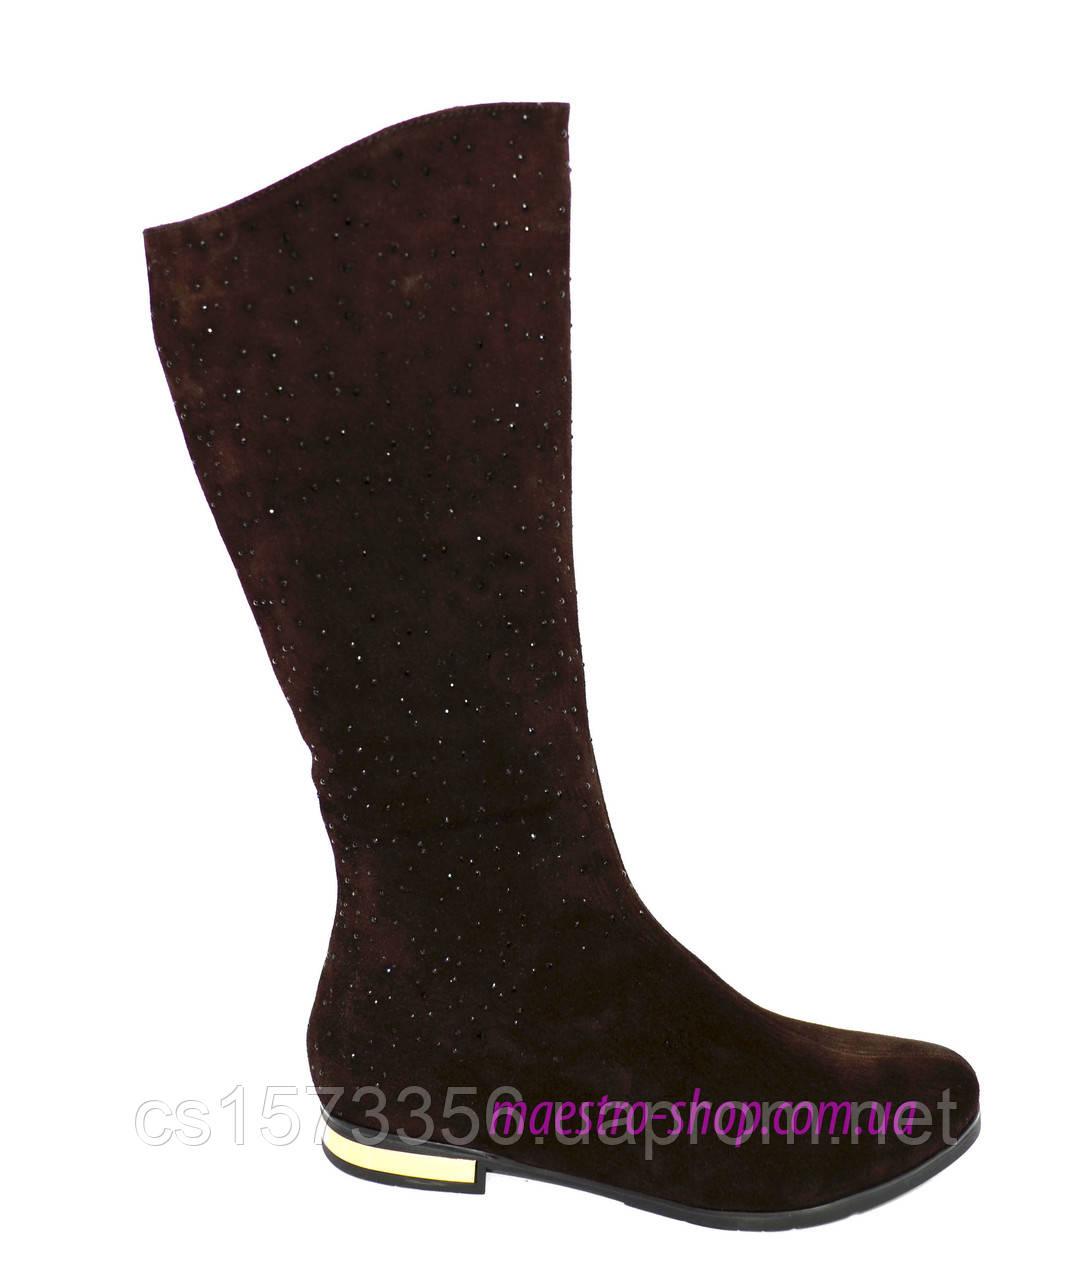 Сапоги женские замшевые демисезонные, коричневый цвет